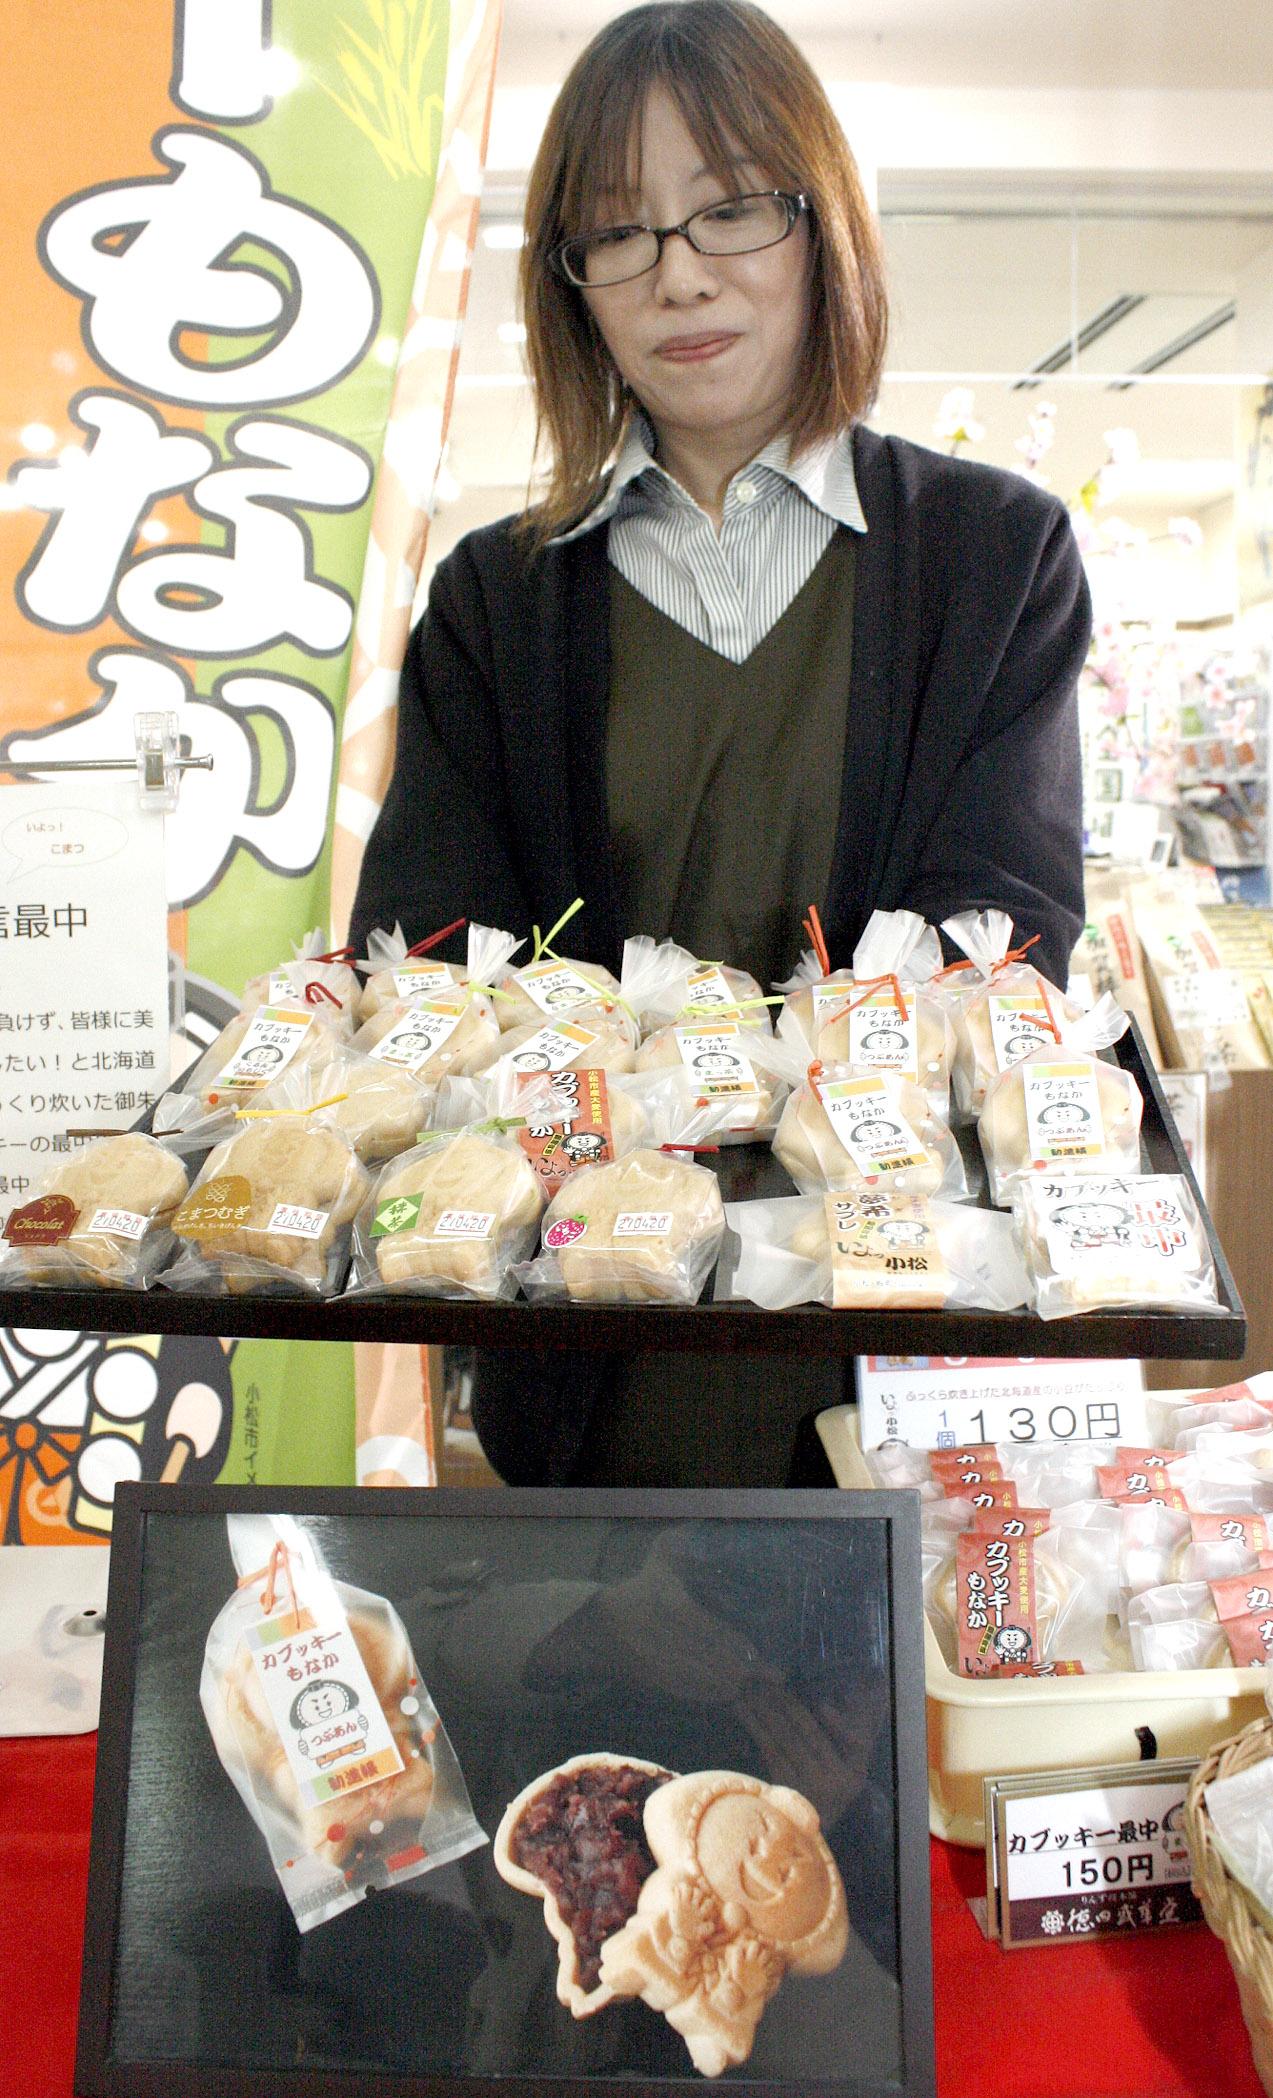 小松菓子業組合が考案した「カブッキー」を模したもなか=小松空港ビル内の「空の駅こまつ」